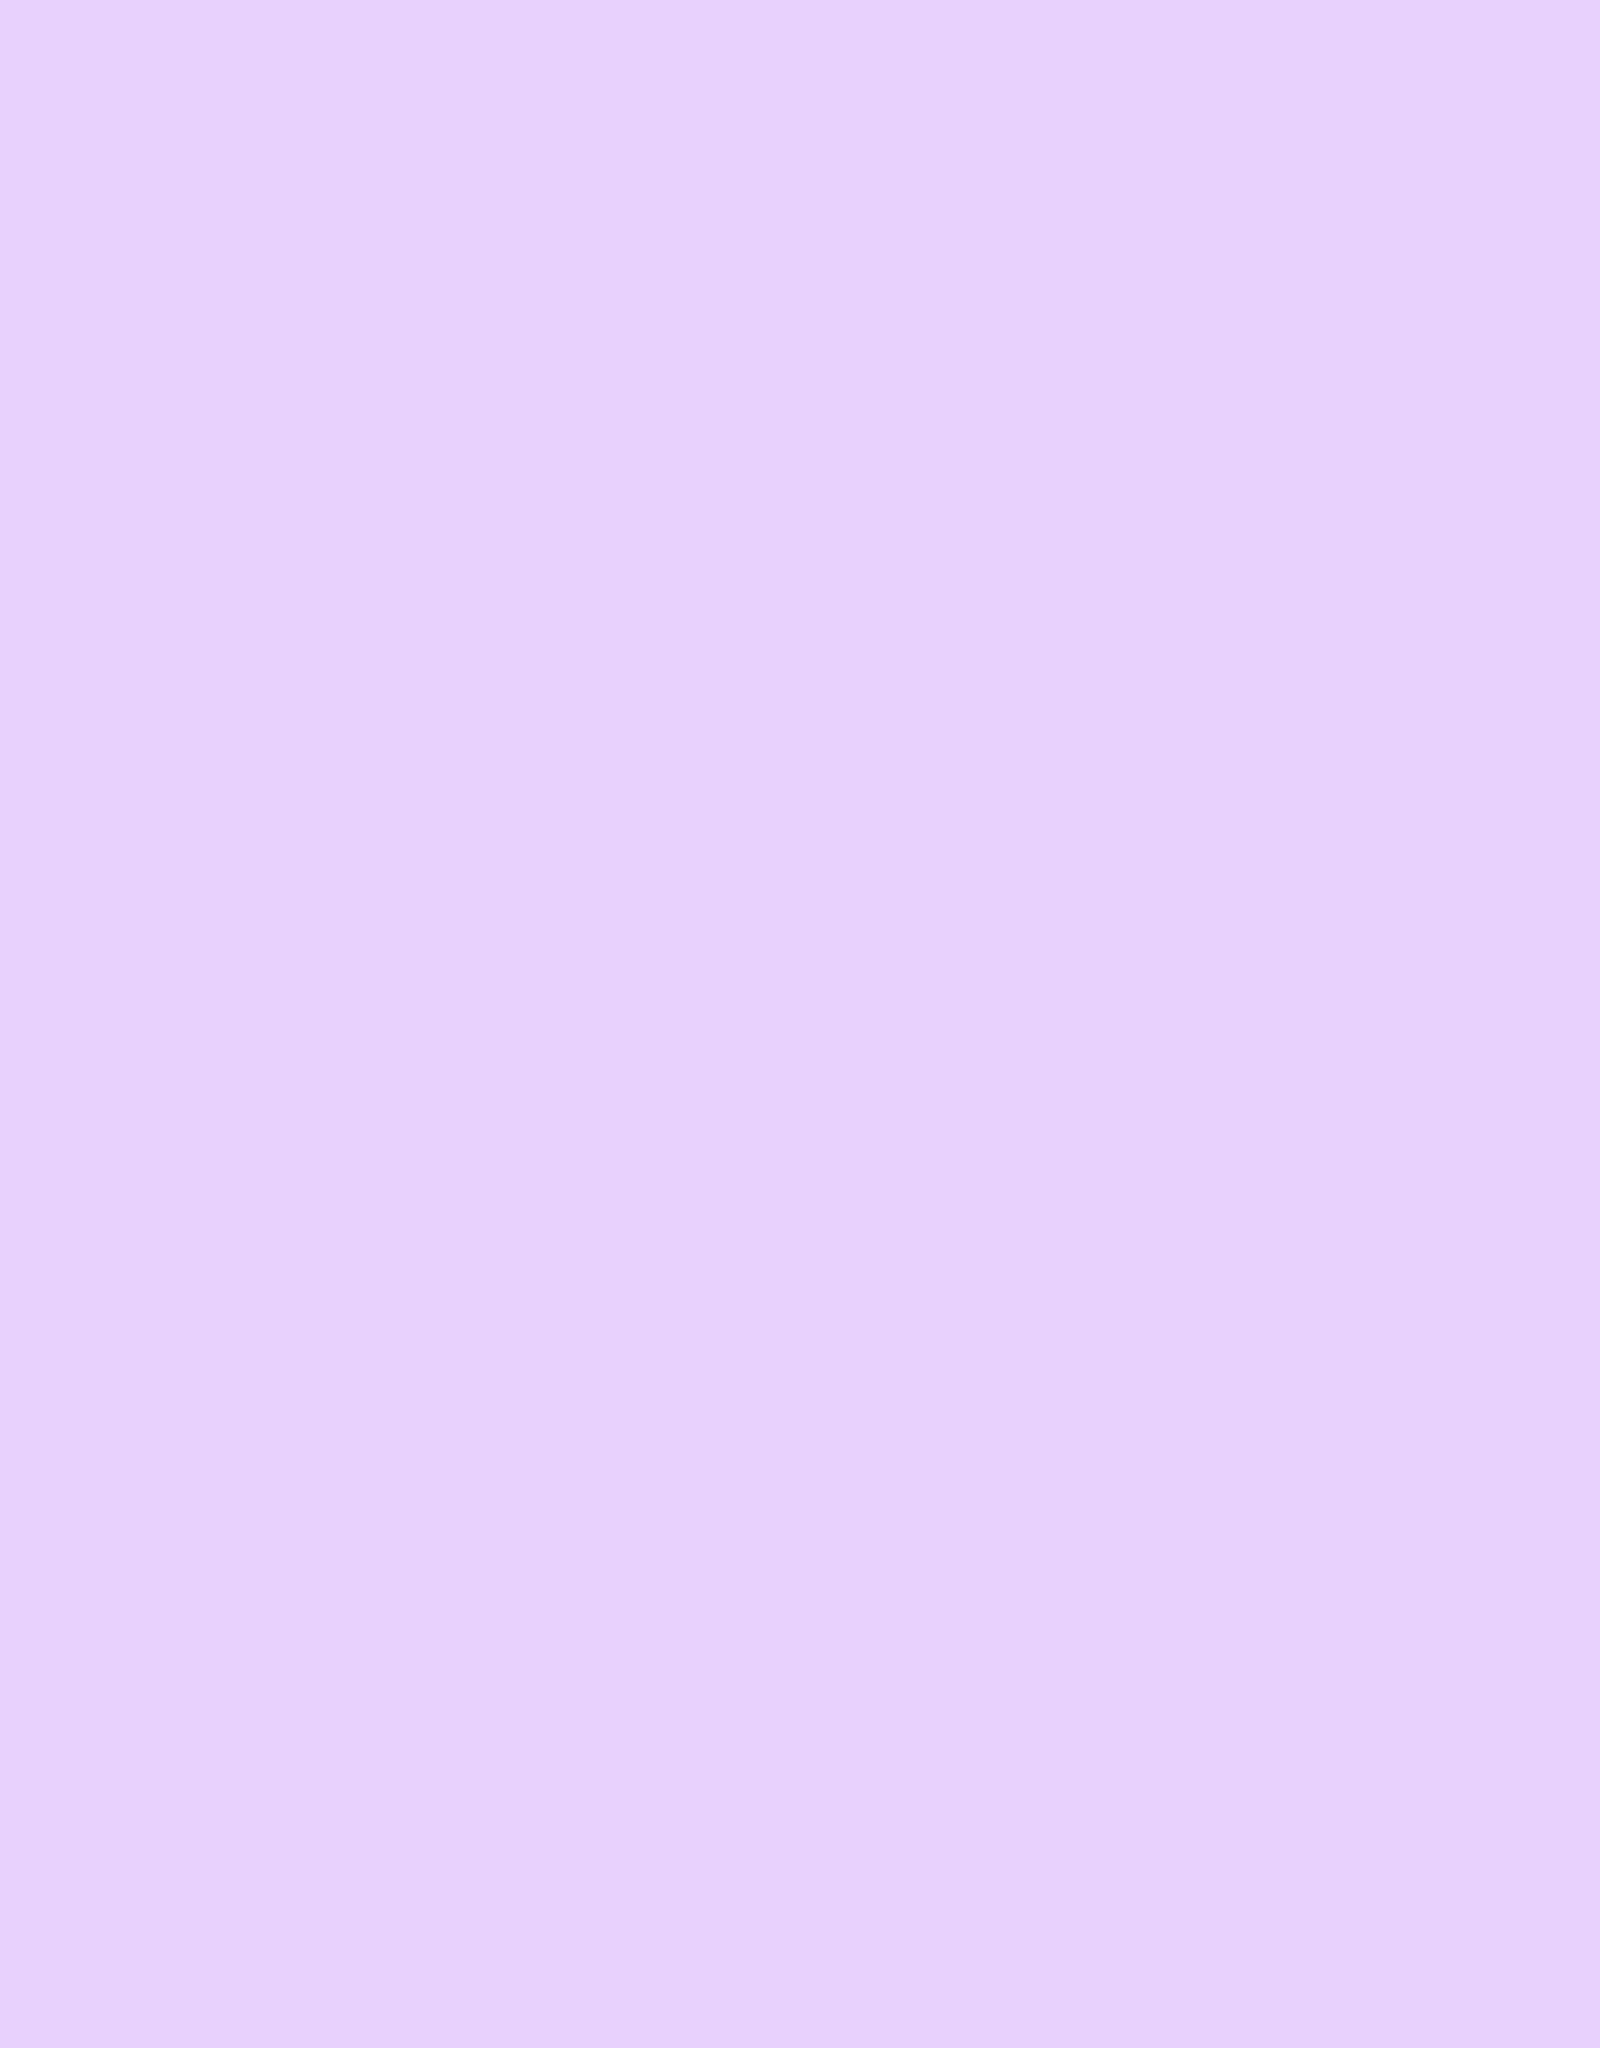 Plain Polycotton #2